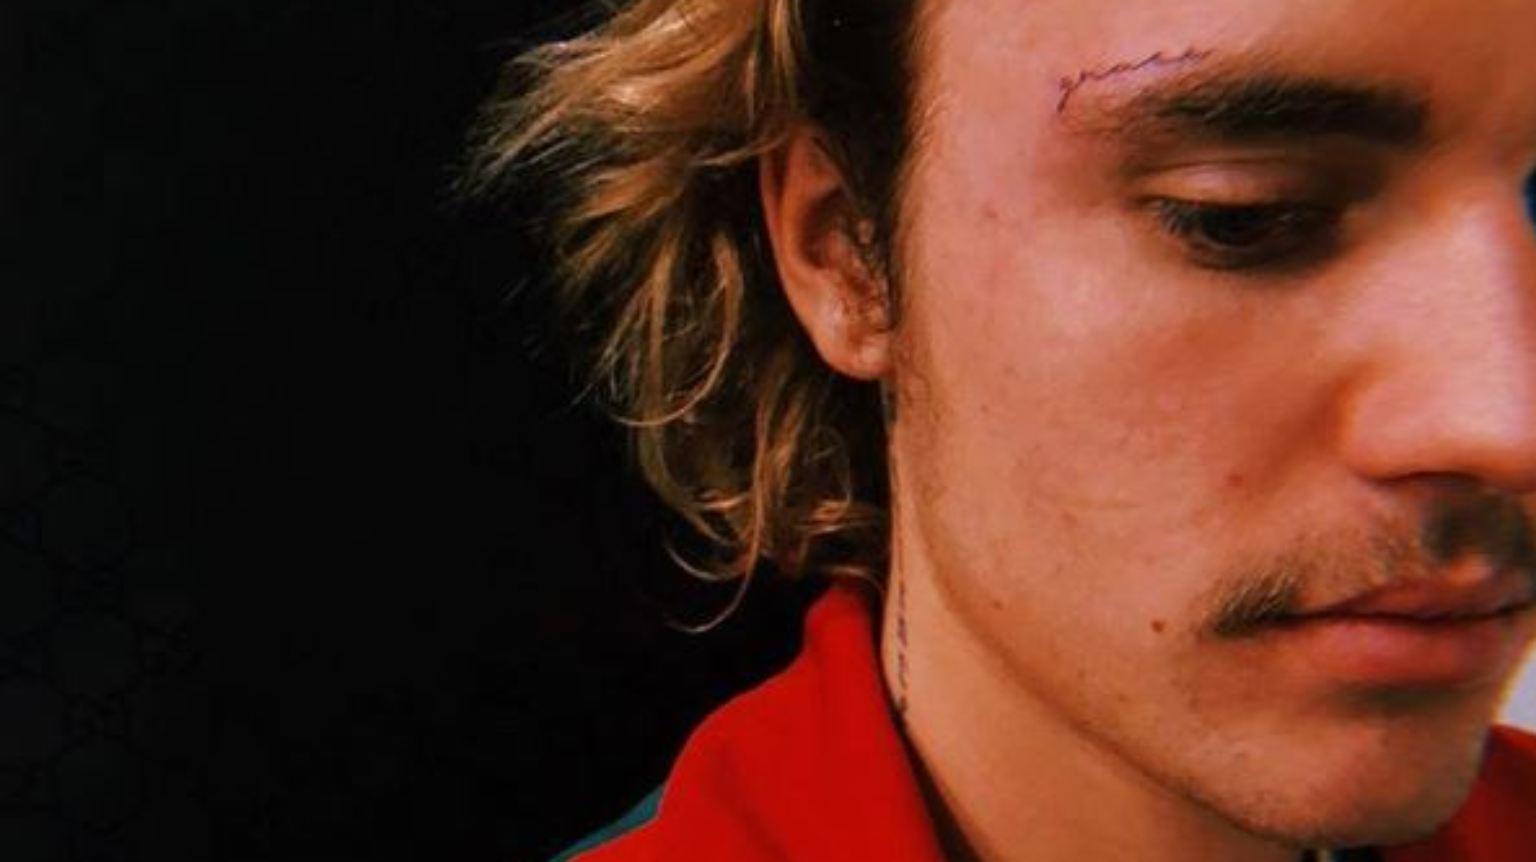 Fur Hailey Justin Bieber Tragt Jetzt Gesichtstattoo N Tv De